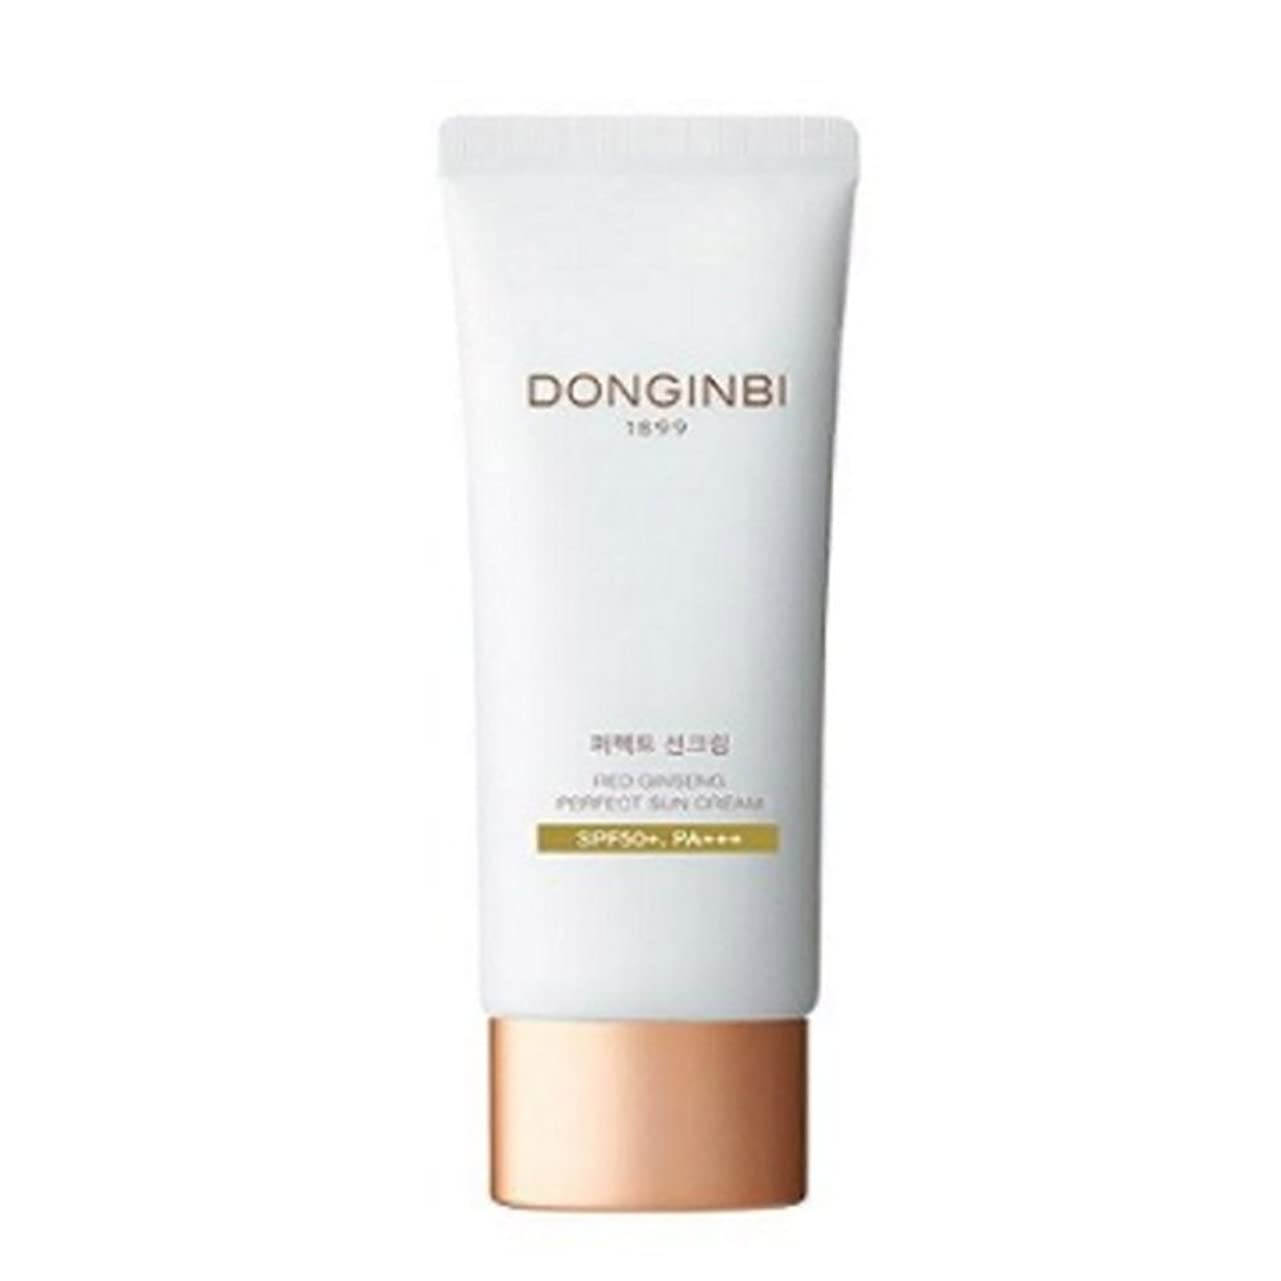 持続するさておきミトン[ドンインビ]DONGINBI ドンインビパーフェクトサンクリーム50ml 海外直送品 perfect suncream SPF50+ PA+++ 50ml [並行輸入品]